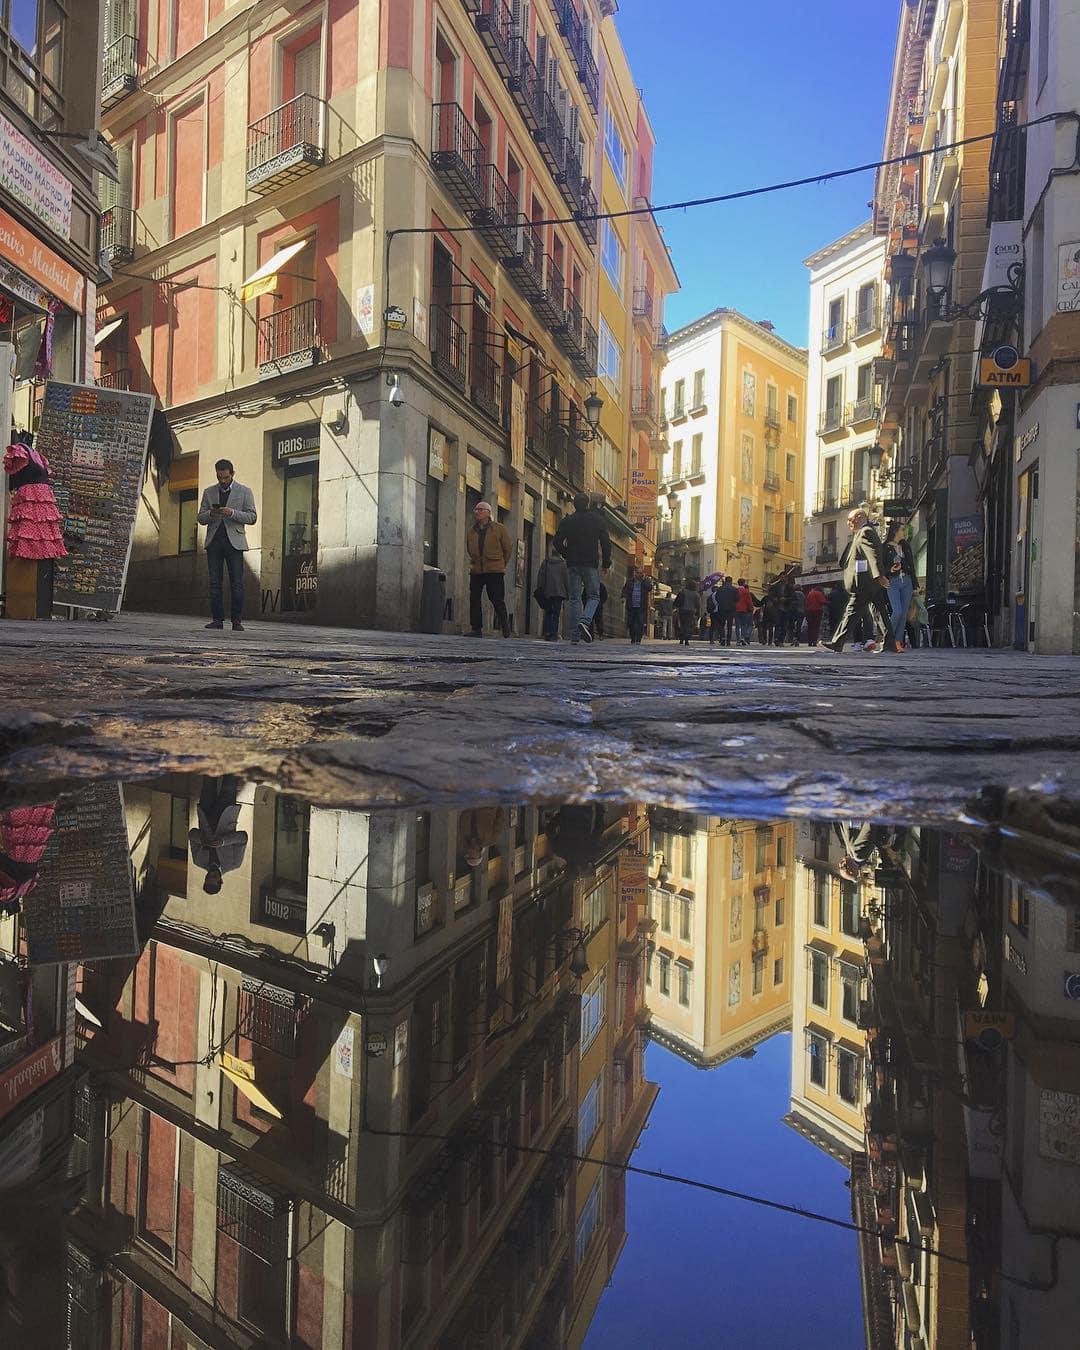 Ein Spaziergang durch Madrid. Redakteurin Linda @gold_gelb knipste die spanische Hauptstadt mal aus einer etwas anderen Perspektive #reportervorort #passionpassport #mytinyatlas #welivetoexplore #madrid #travelspain #photography